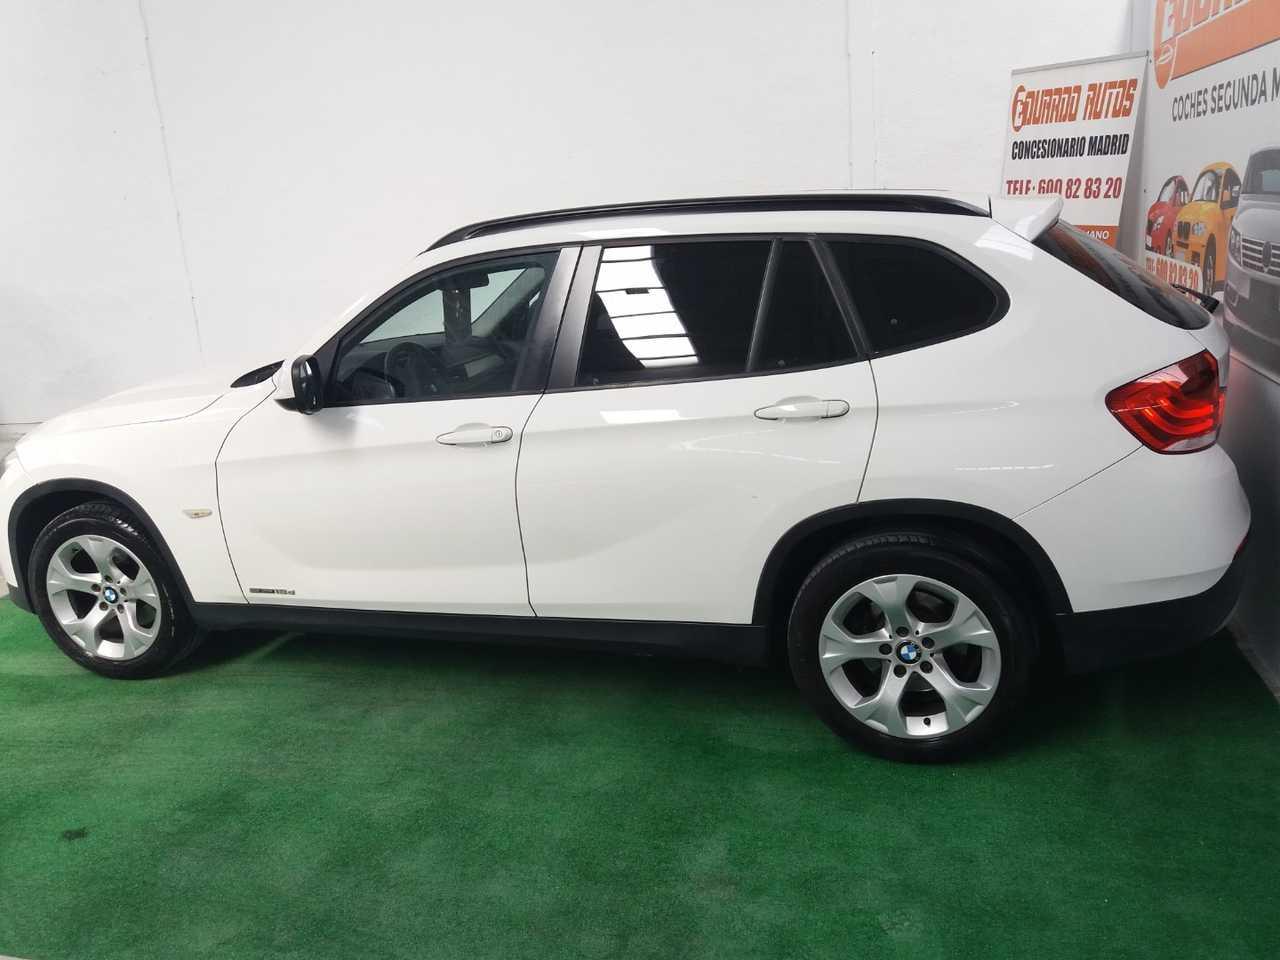 BMW X1 200000 s drive   - Foto 1